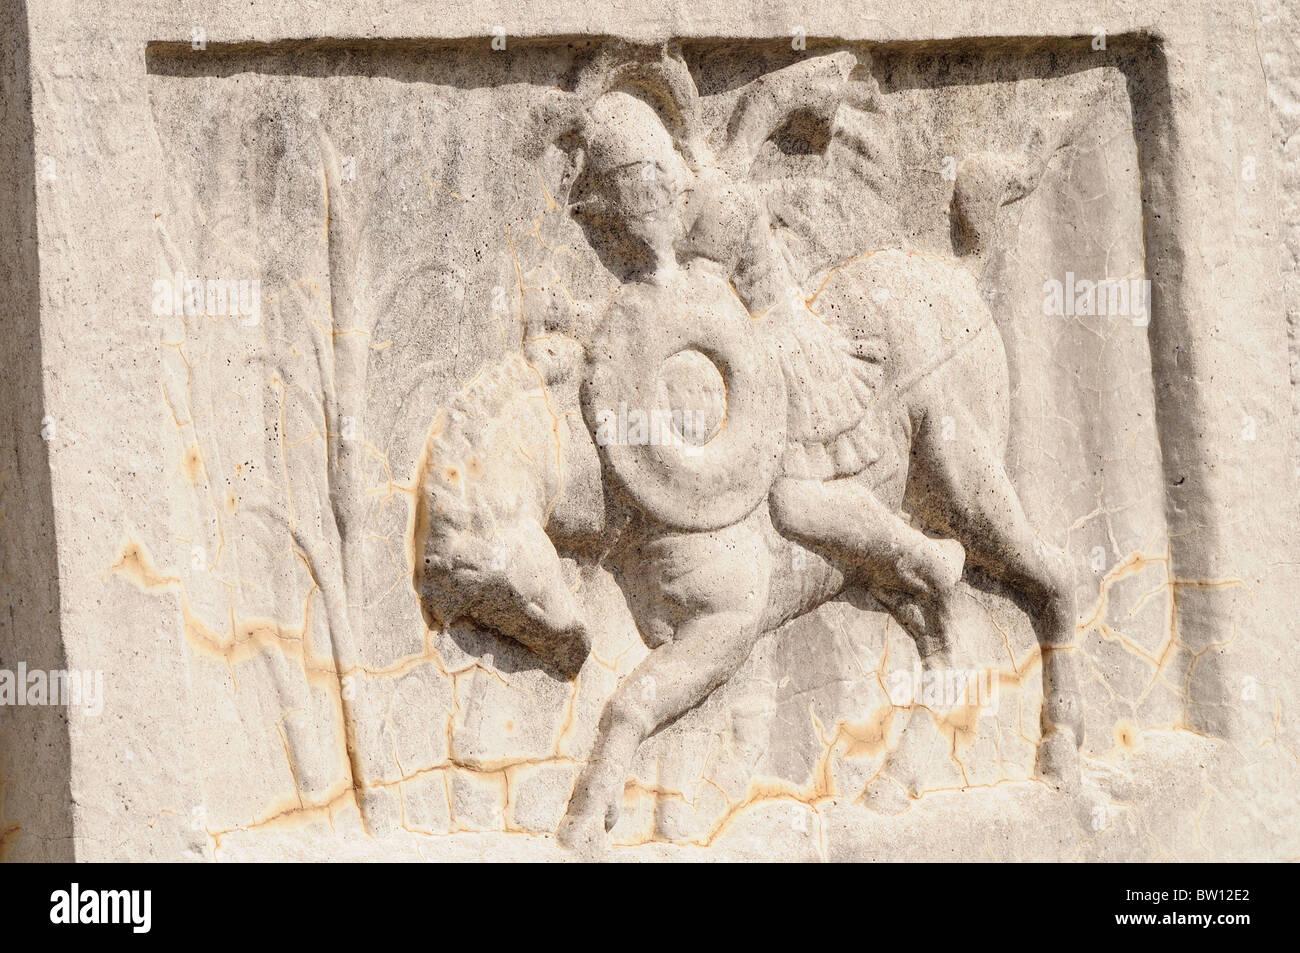 Battle scene detail, Arco di Settimio Severo, Foro Romano - Stock Image